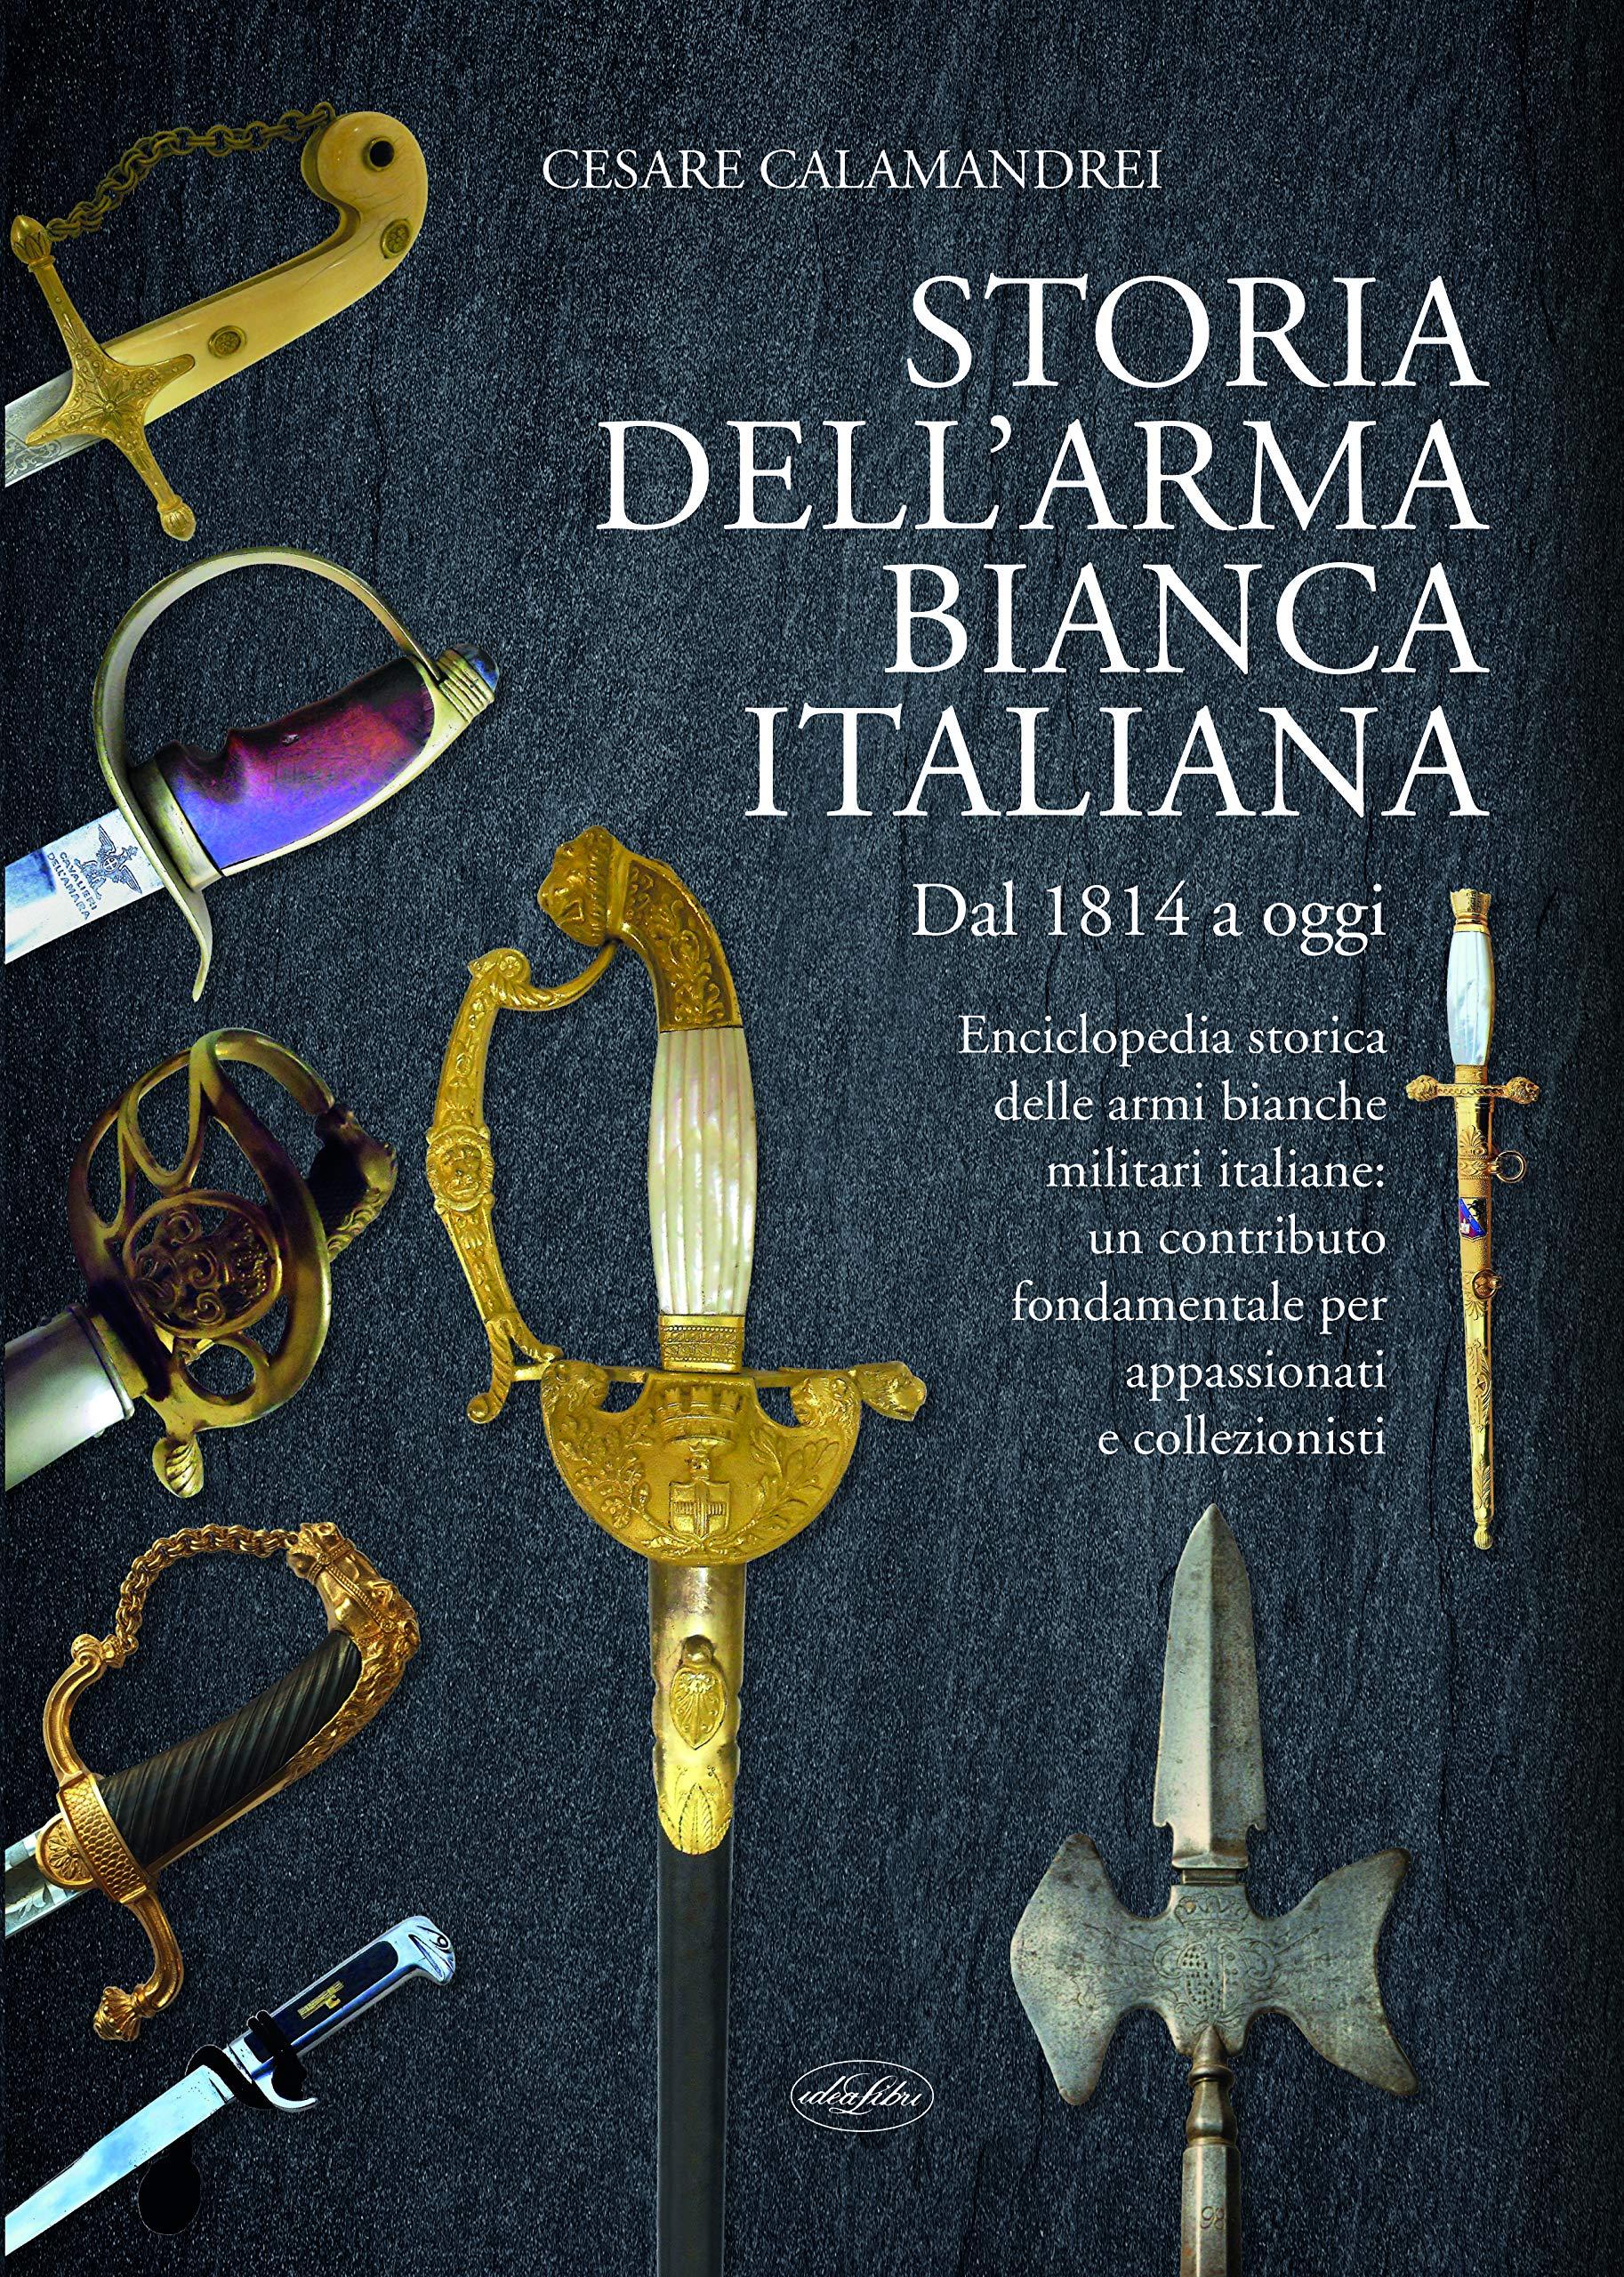 Storia dellarma bianca italiana: Amazon.es: Calamandrei, Cesare: Libros en idiomas extranjeros